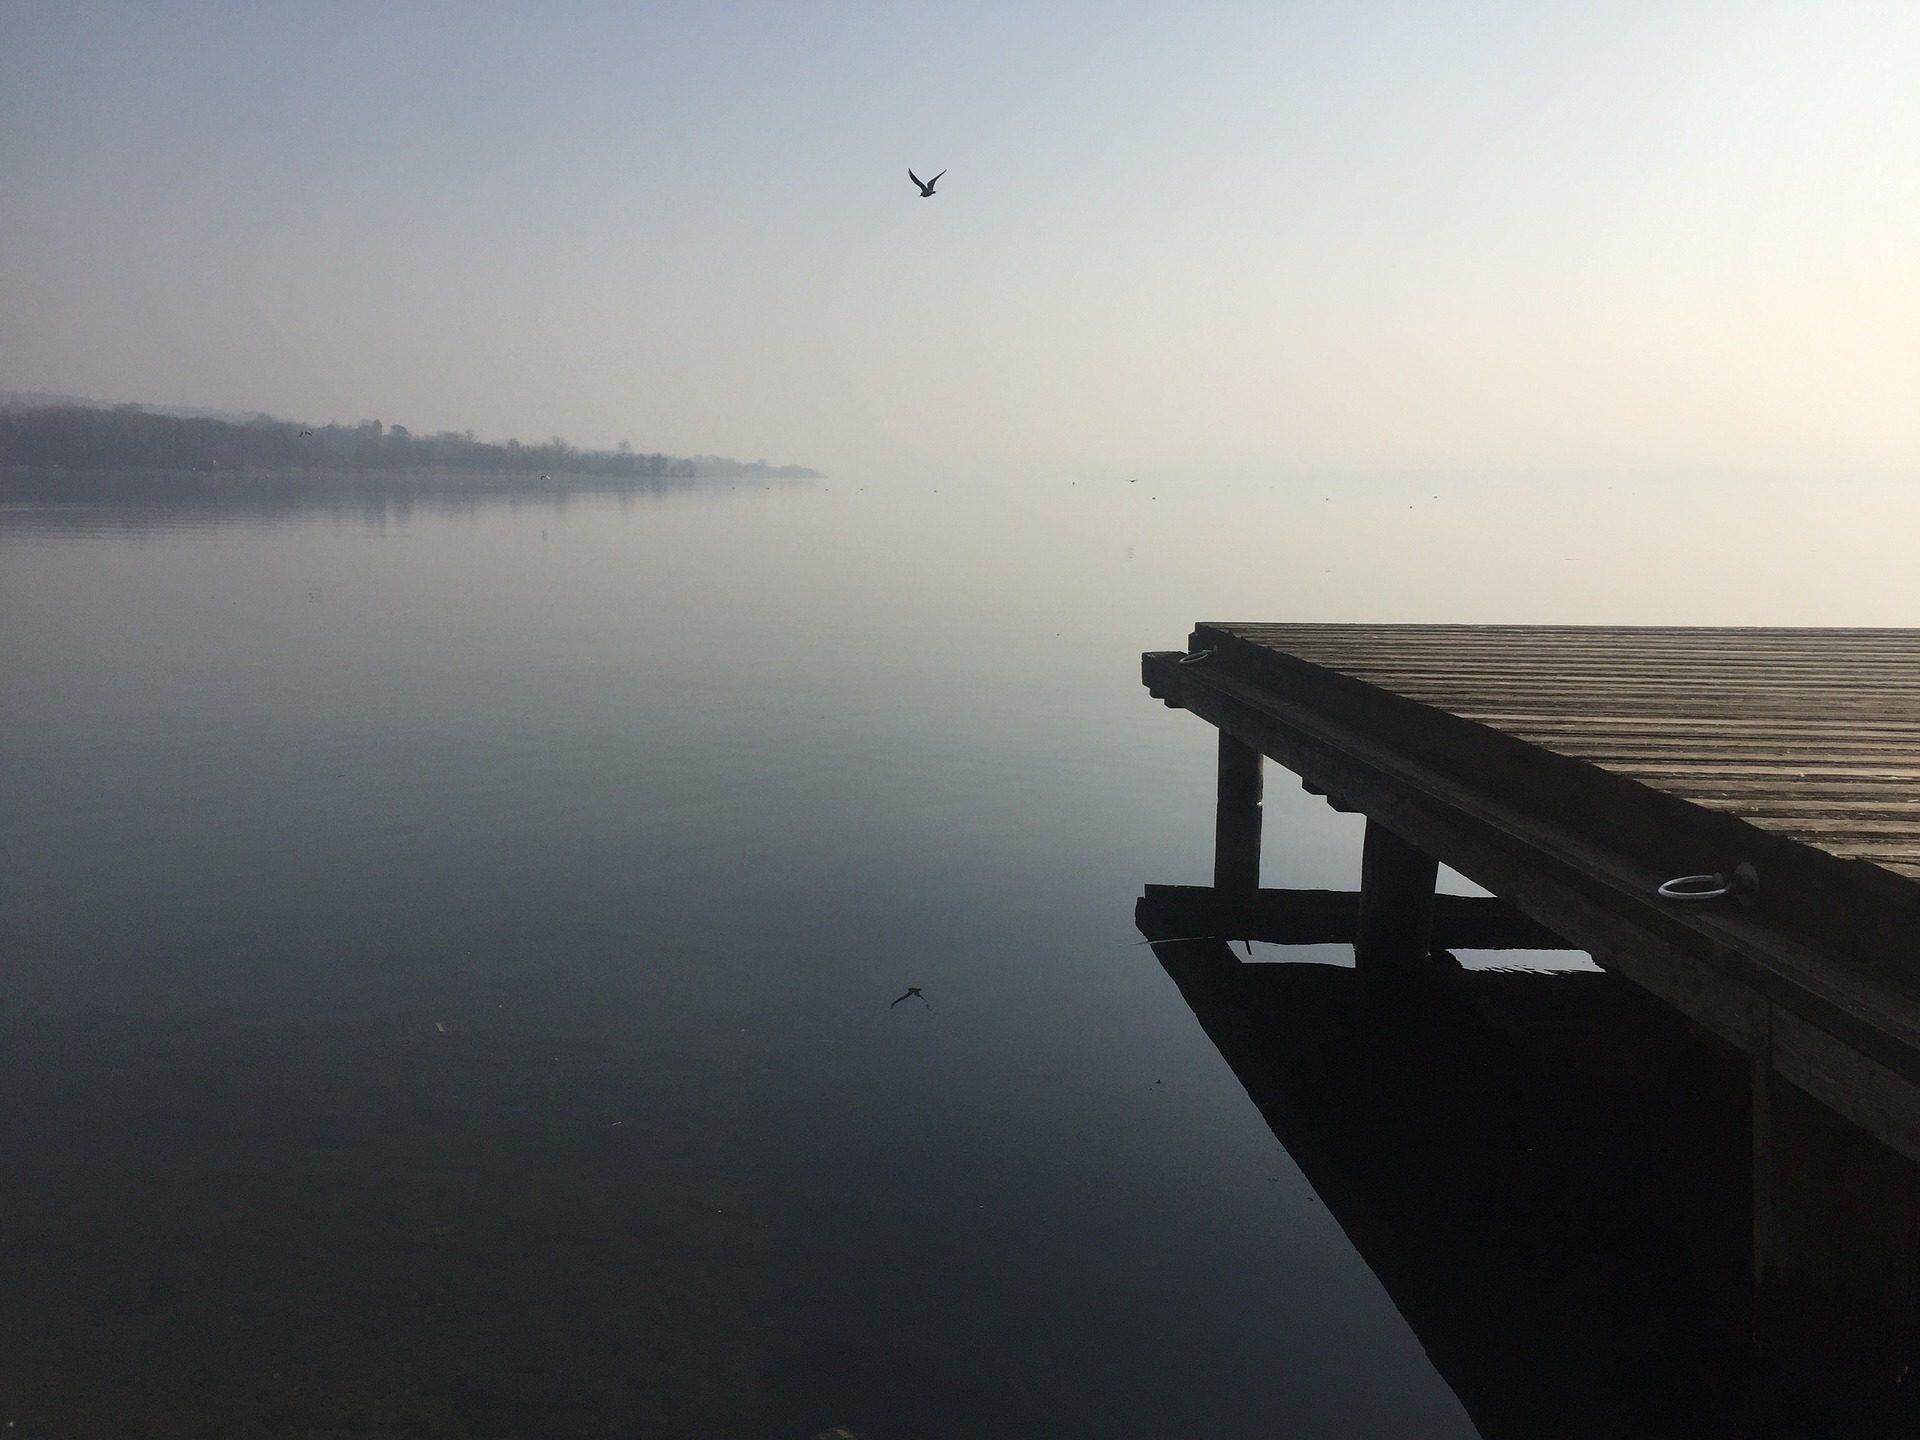 Озеро, спокойствие, Весна, Эмбаркадеро, Чайка, отражение, туман - Обои HD - Профессор falken.com